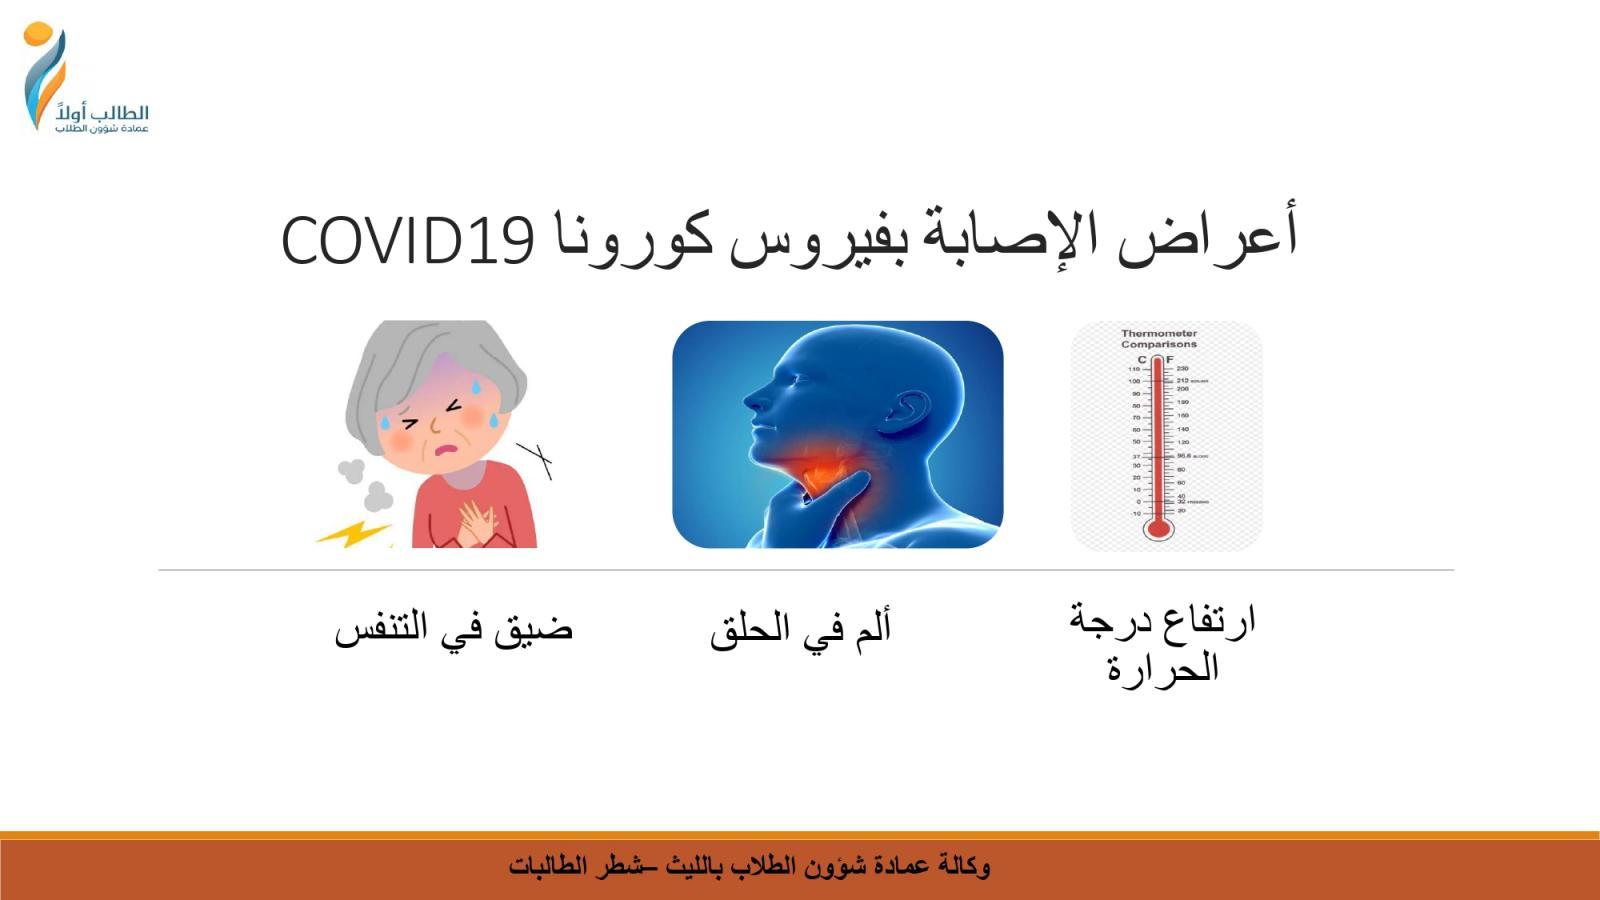 أعراض فيروس كورونا الجديد